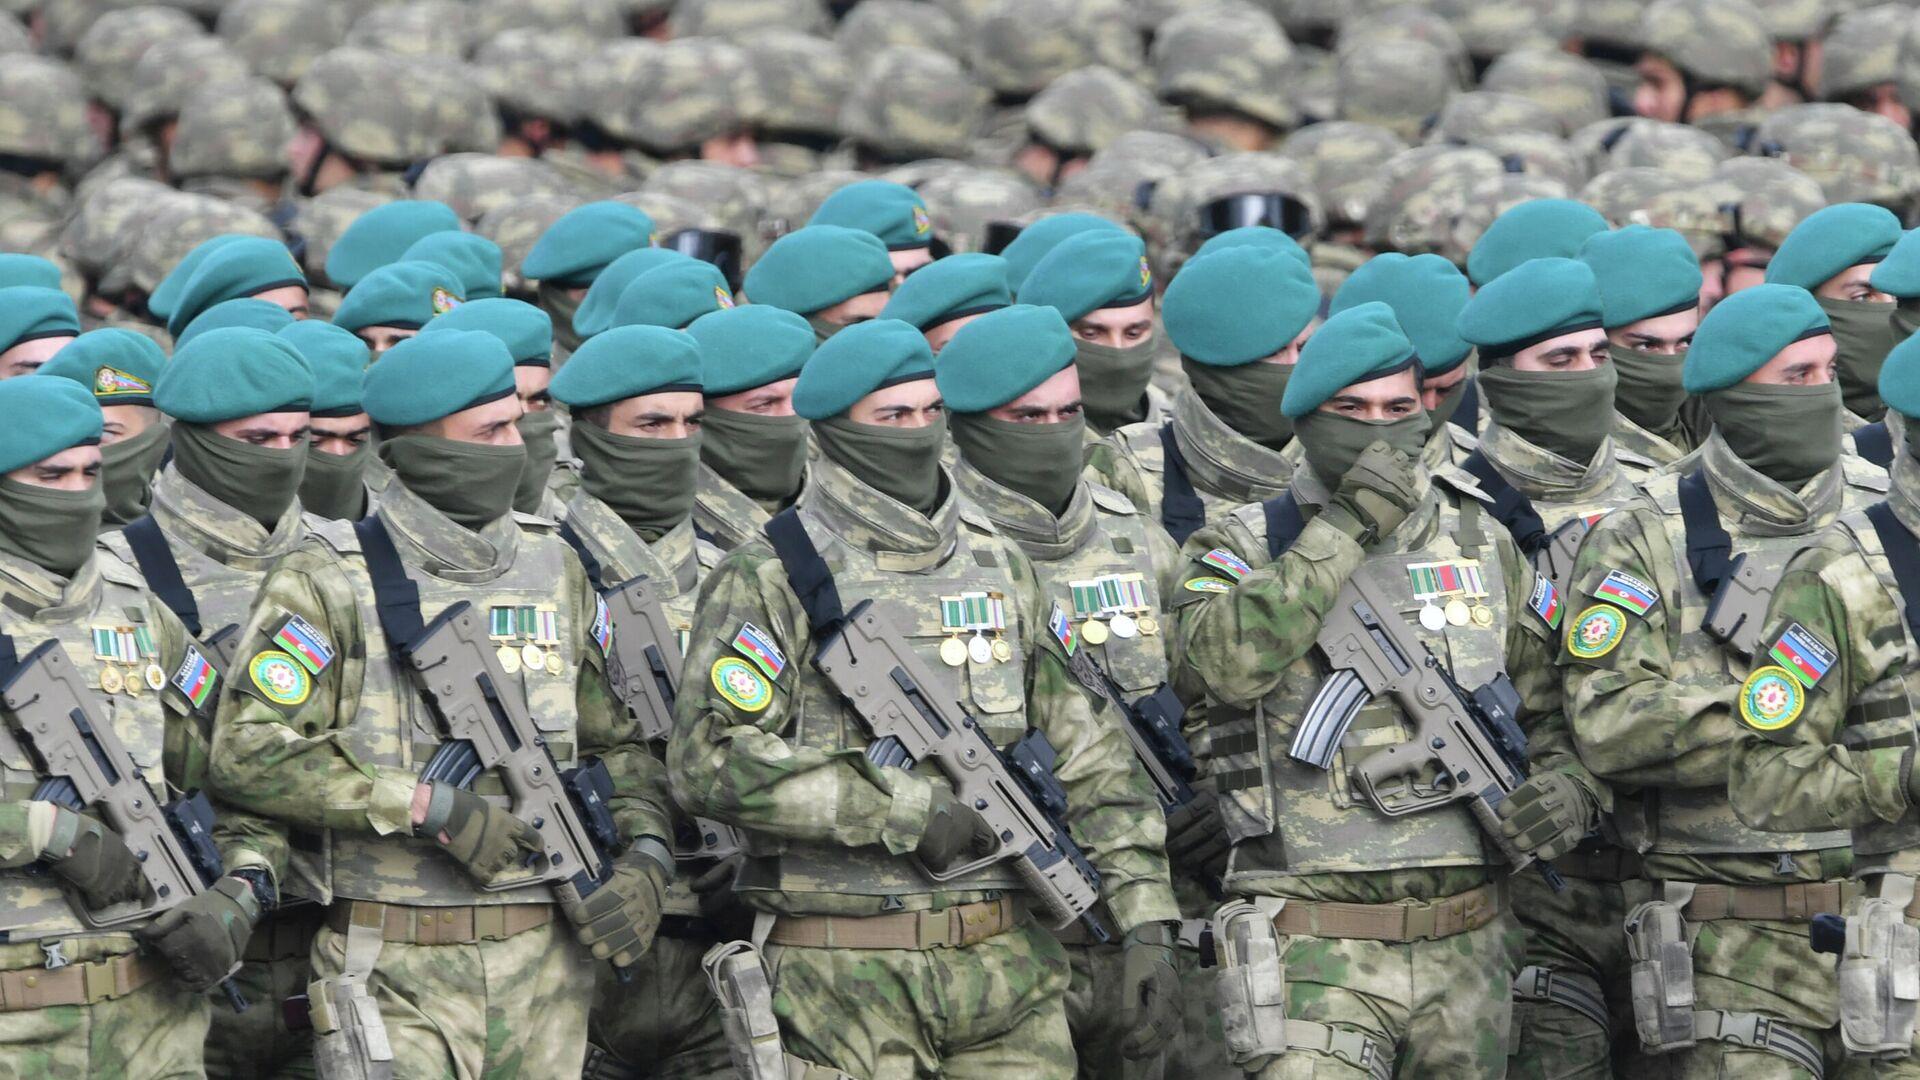 Военнослужащие азербайджанской армии перед военным парадом в Баку - РИА Новости, 1920, 10.12.2020